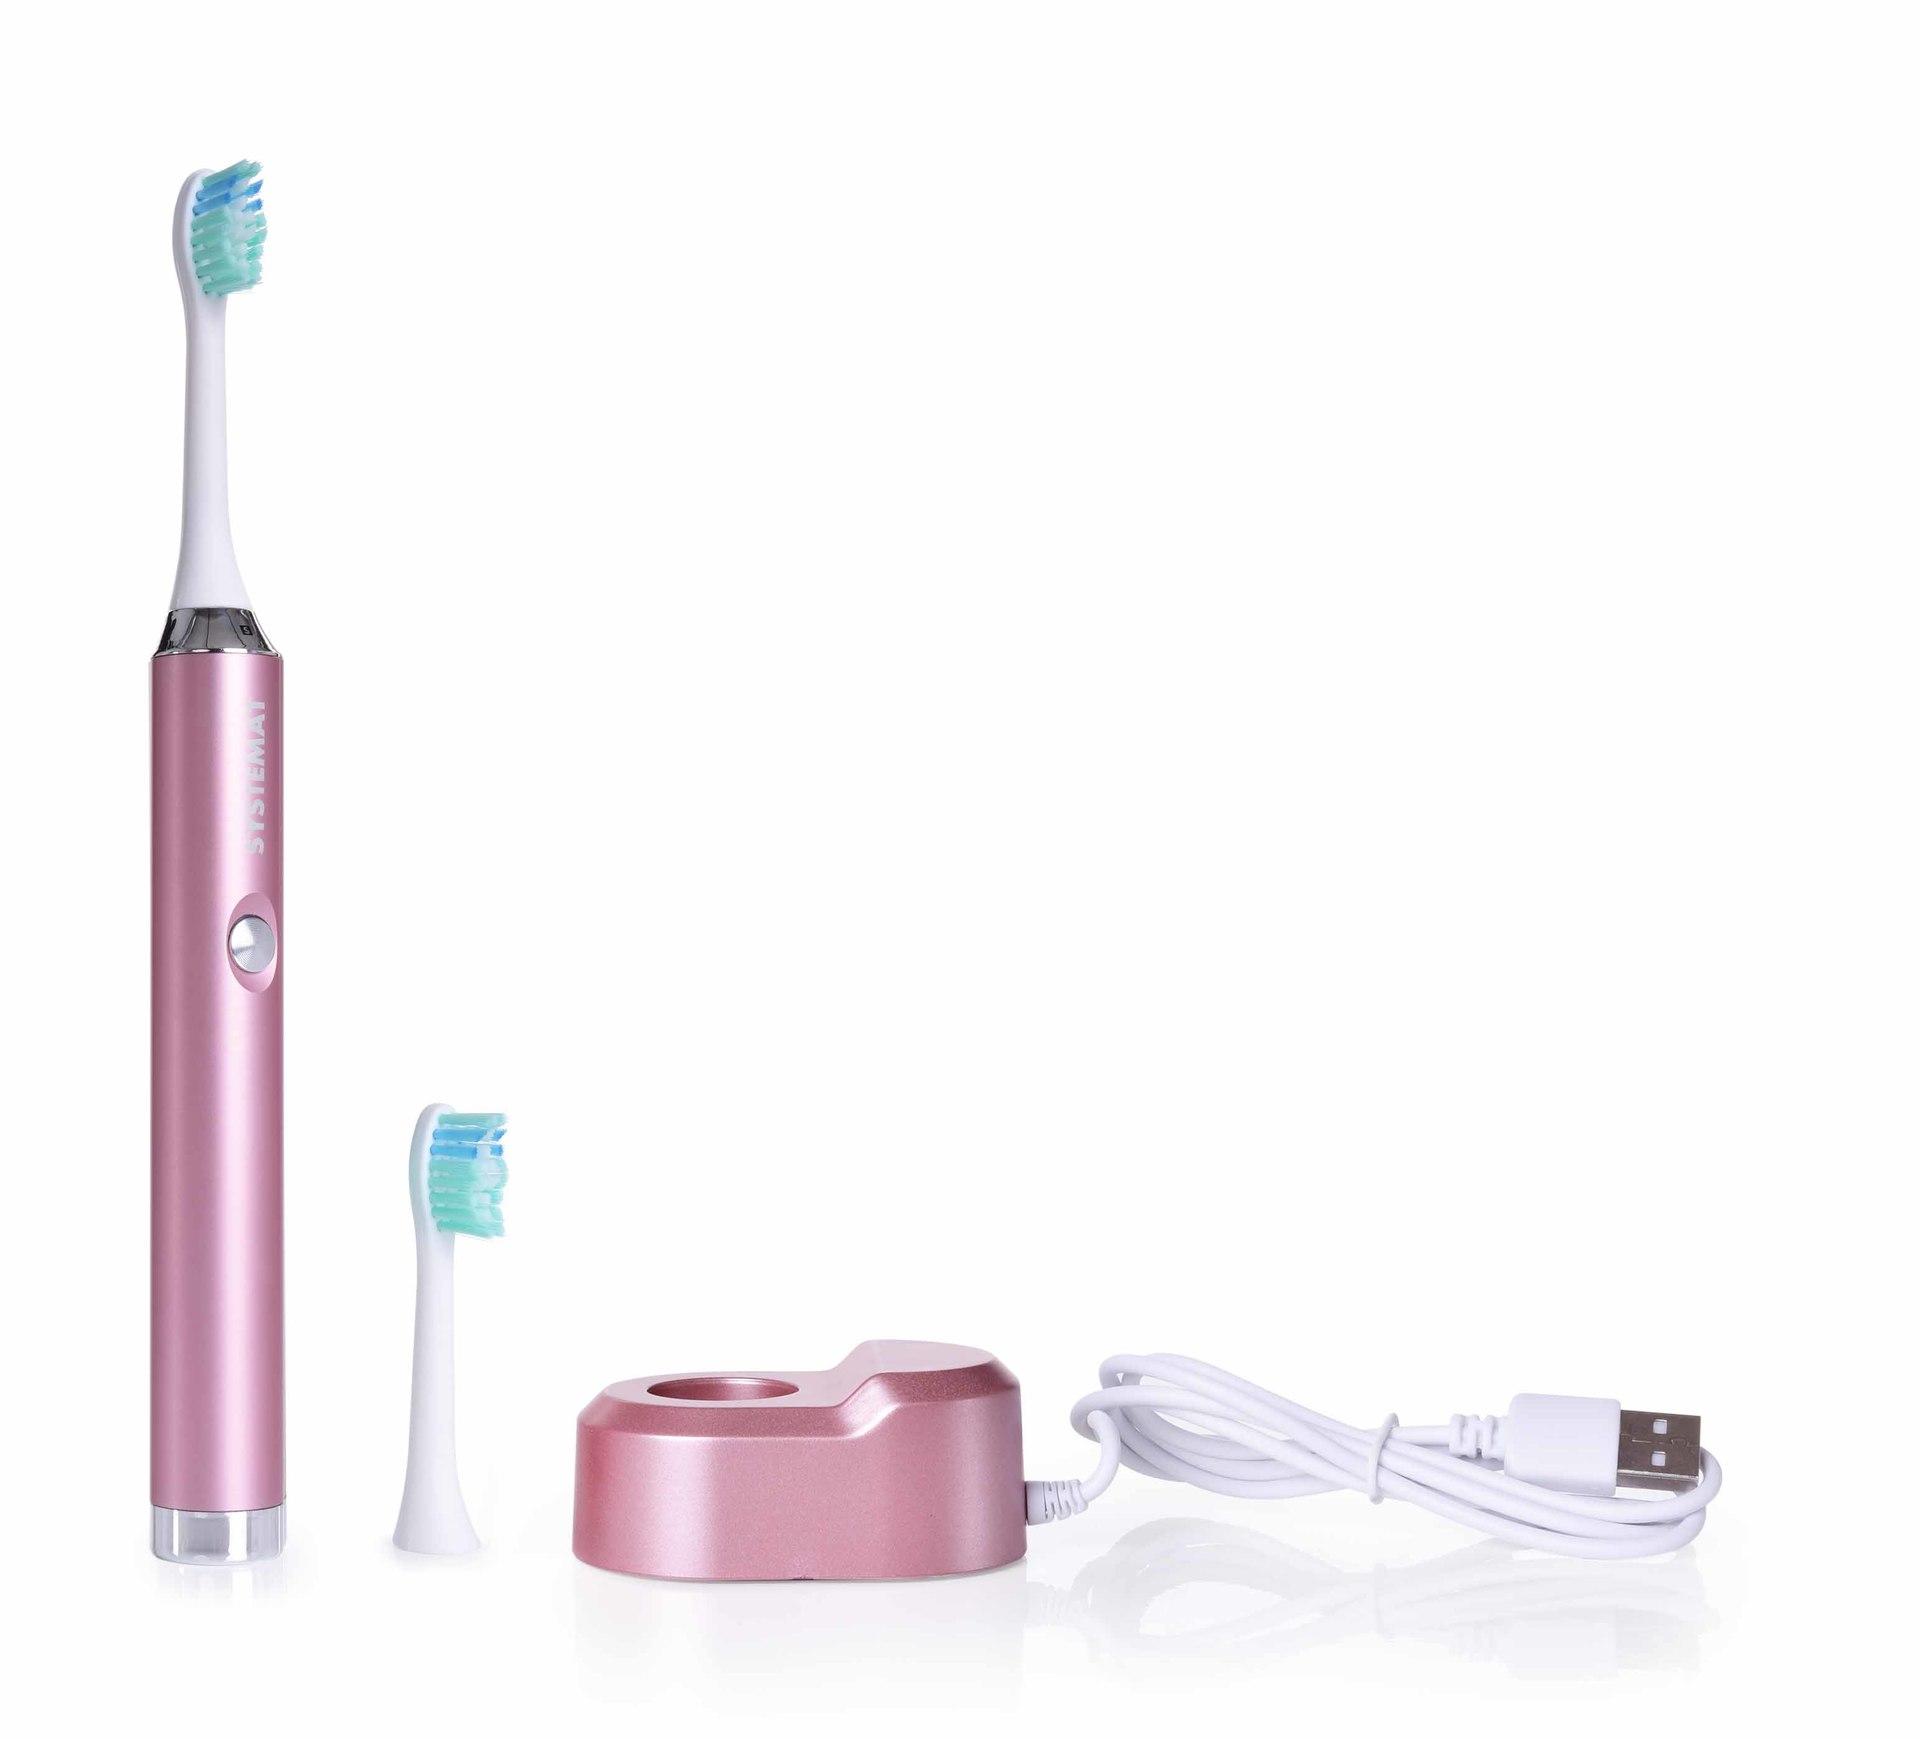 Sonický extra jemný kartáček na zuby, celokovový, metalic pink, SONISSIMO DEDRA DENT